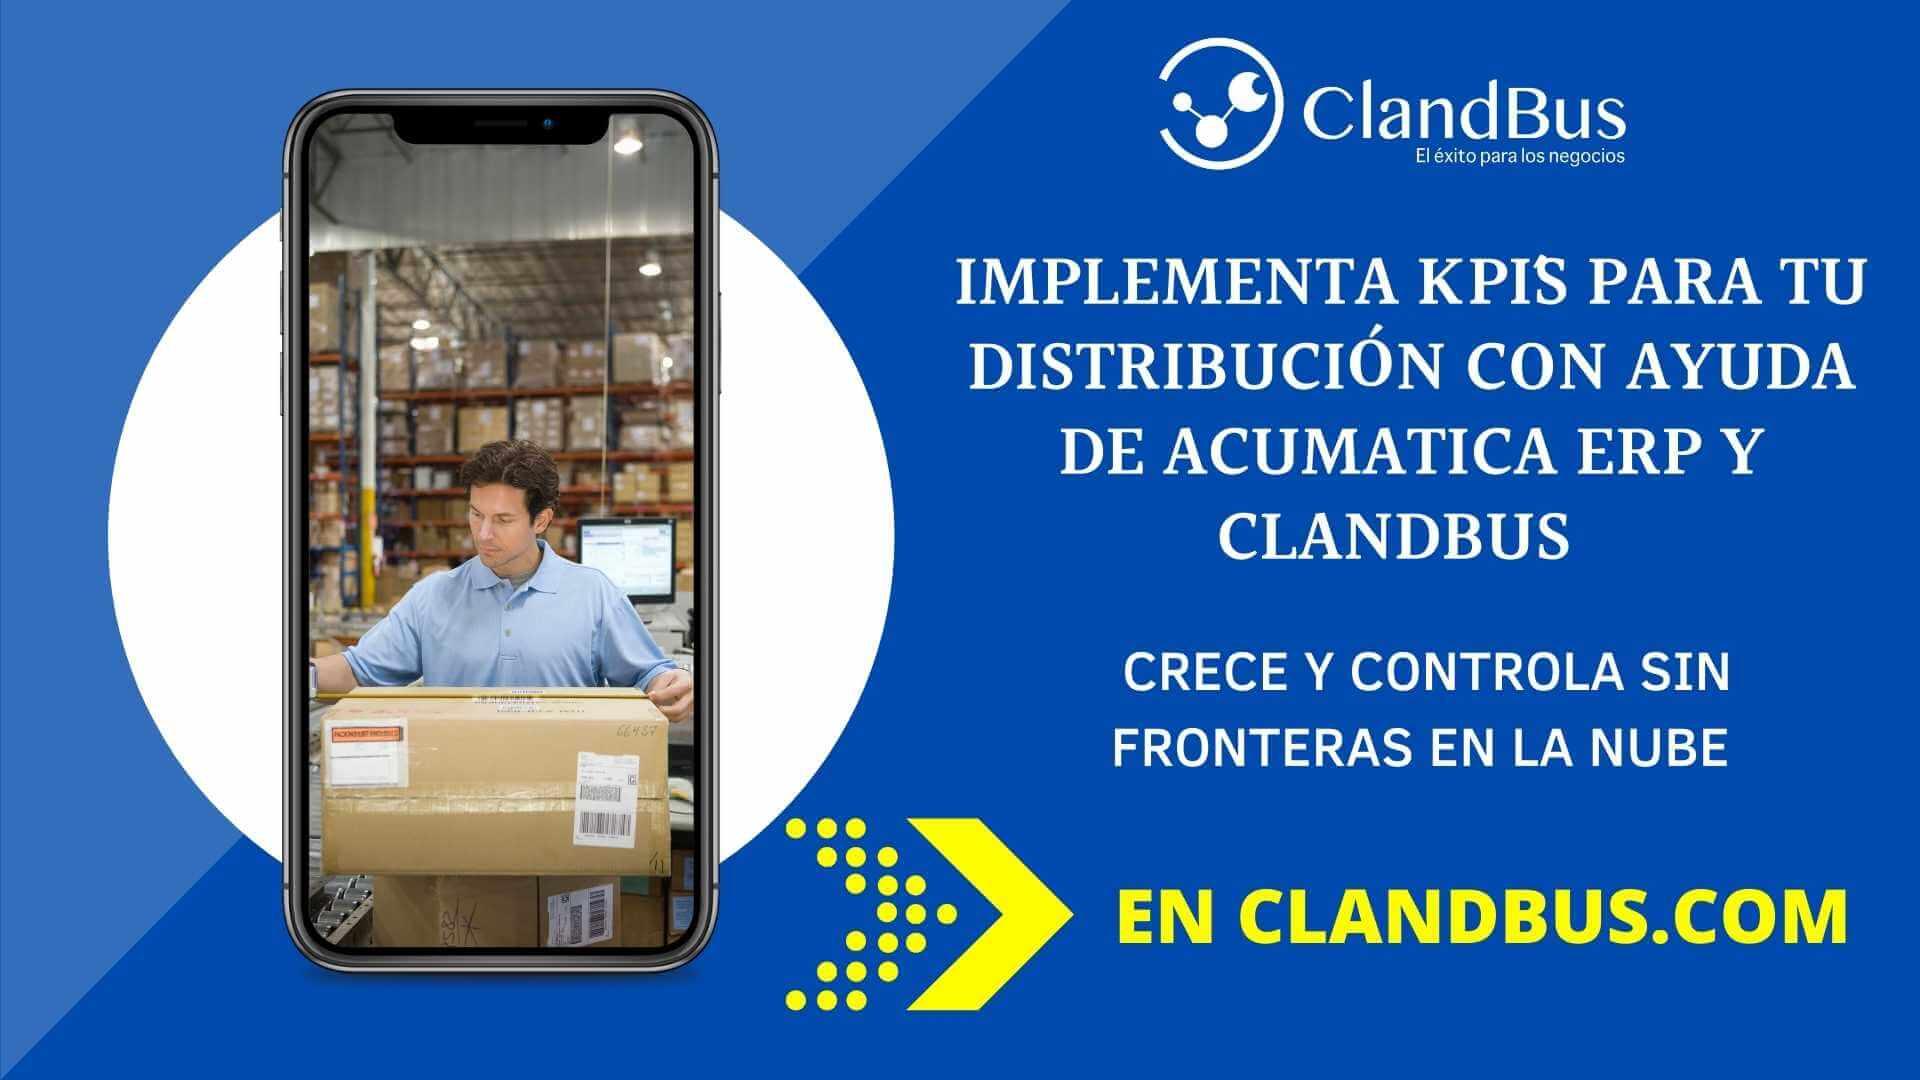 KPI para Distribución - Establezca motores de búsquedas rápidas desde cualquier lugar en nuetra herramienta poderosa Acumatica y ClandBus